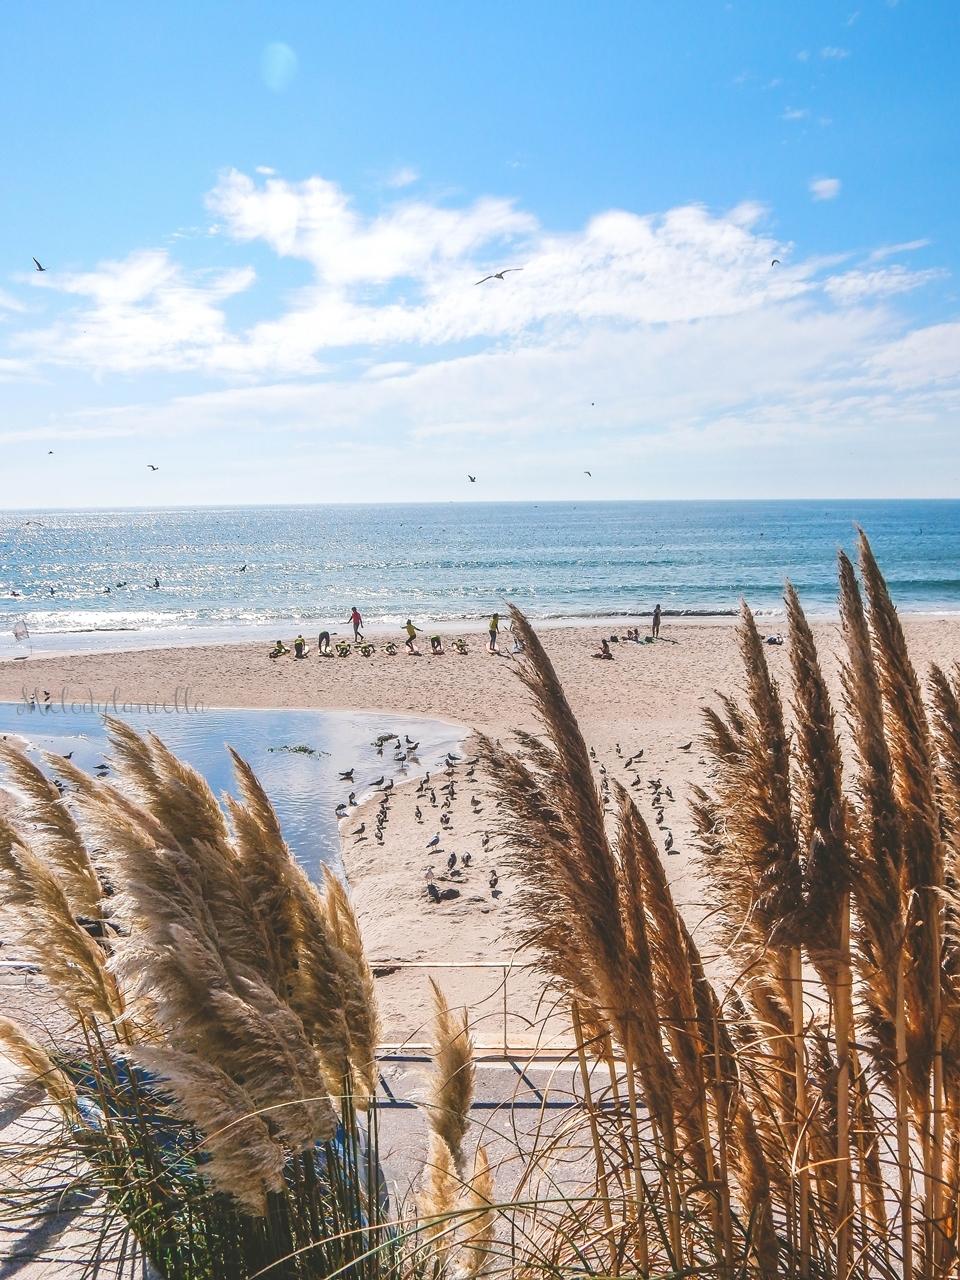 11 Plaża Matosinhos-2  co zobaczyć w Porto w portugalii ciekawe miejsca musisz zobaczyć top miejsc w porto zabytki piękne uliczki miejsca godne zobaczenia blog podróżniczy portugalia melodylaniella